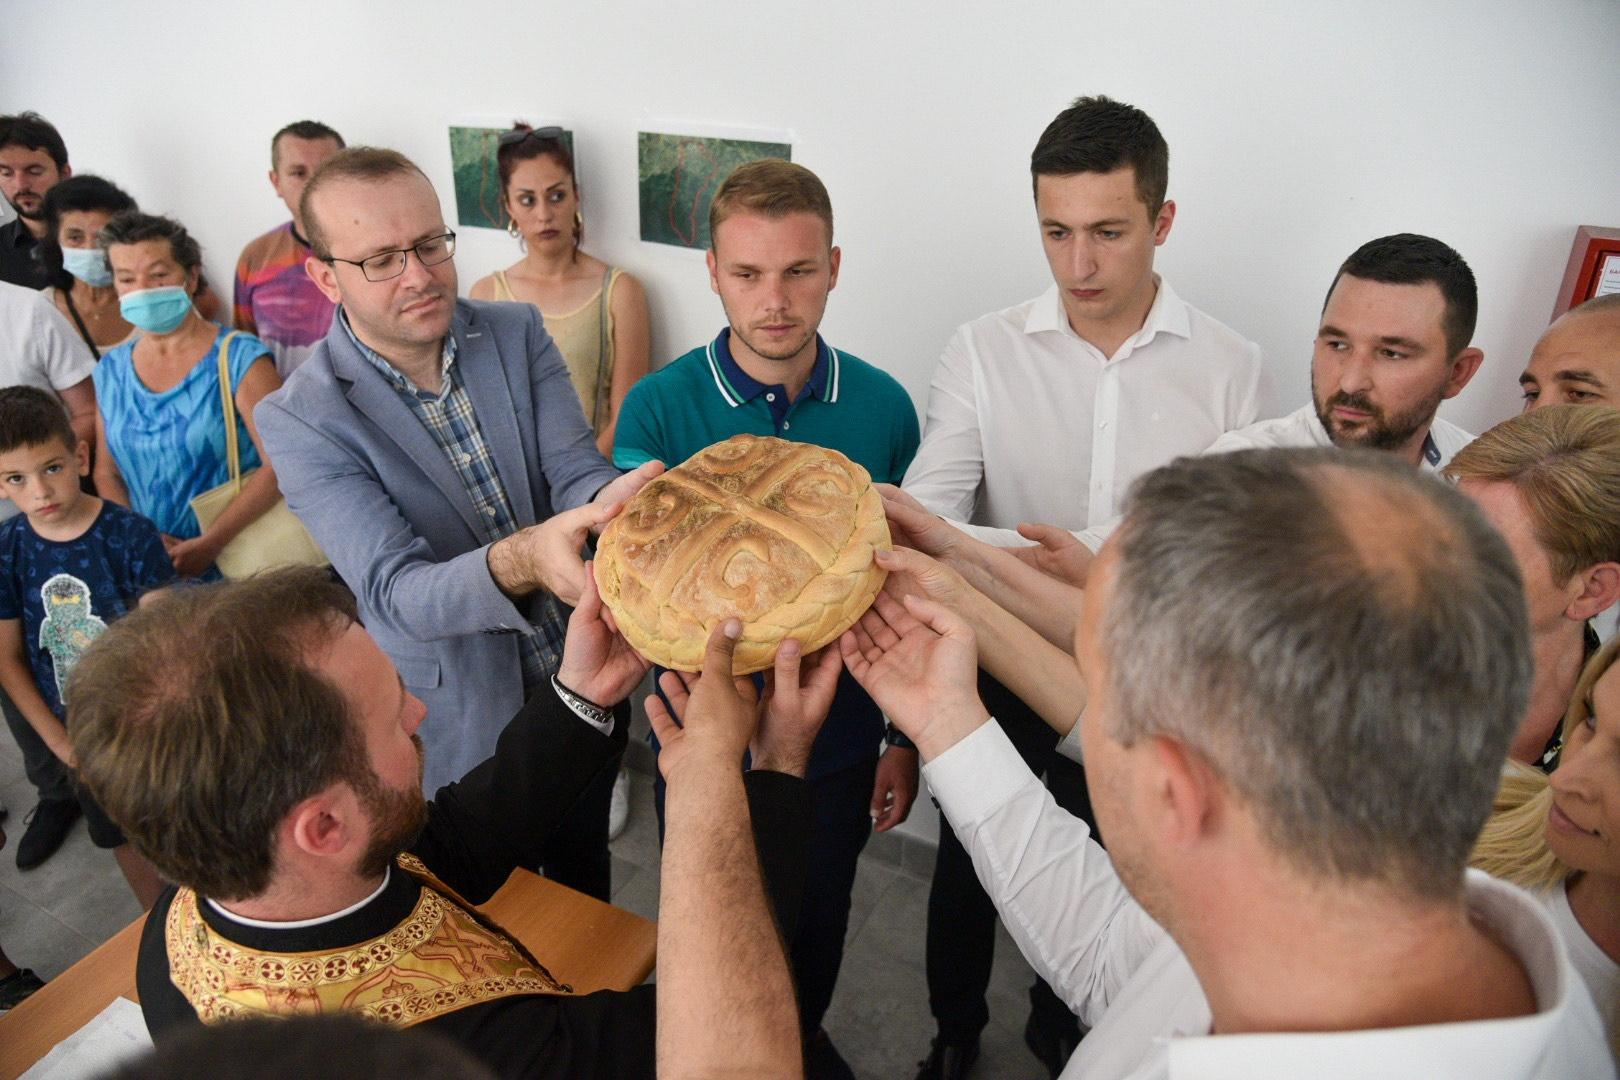 Obilježena krsna slava banjalučkih mjesnih zajednica Obilićevo 1 i 2